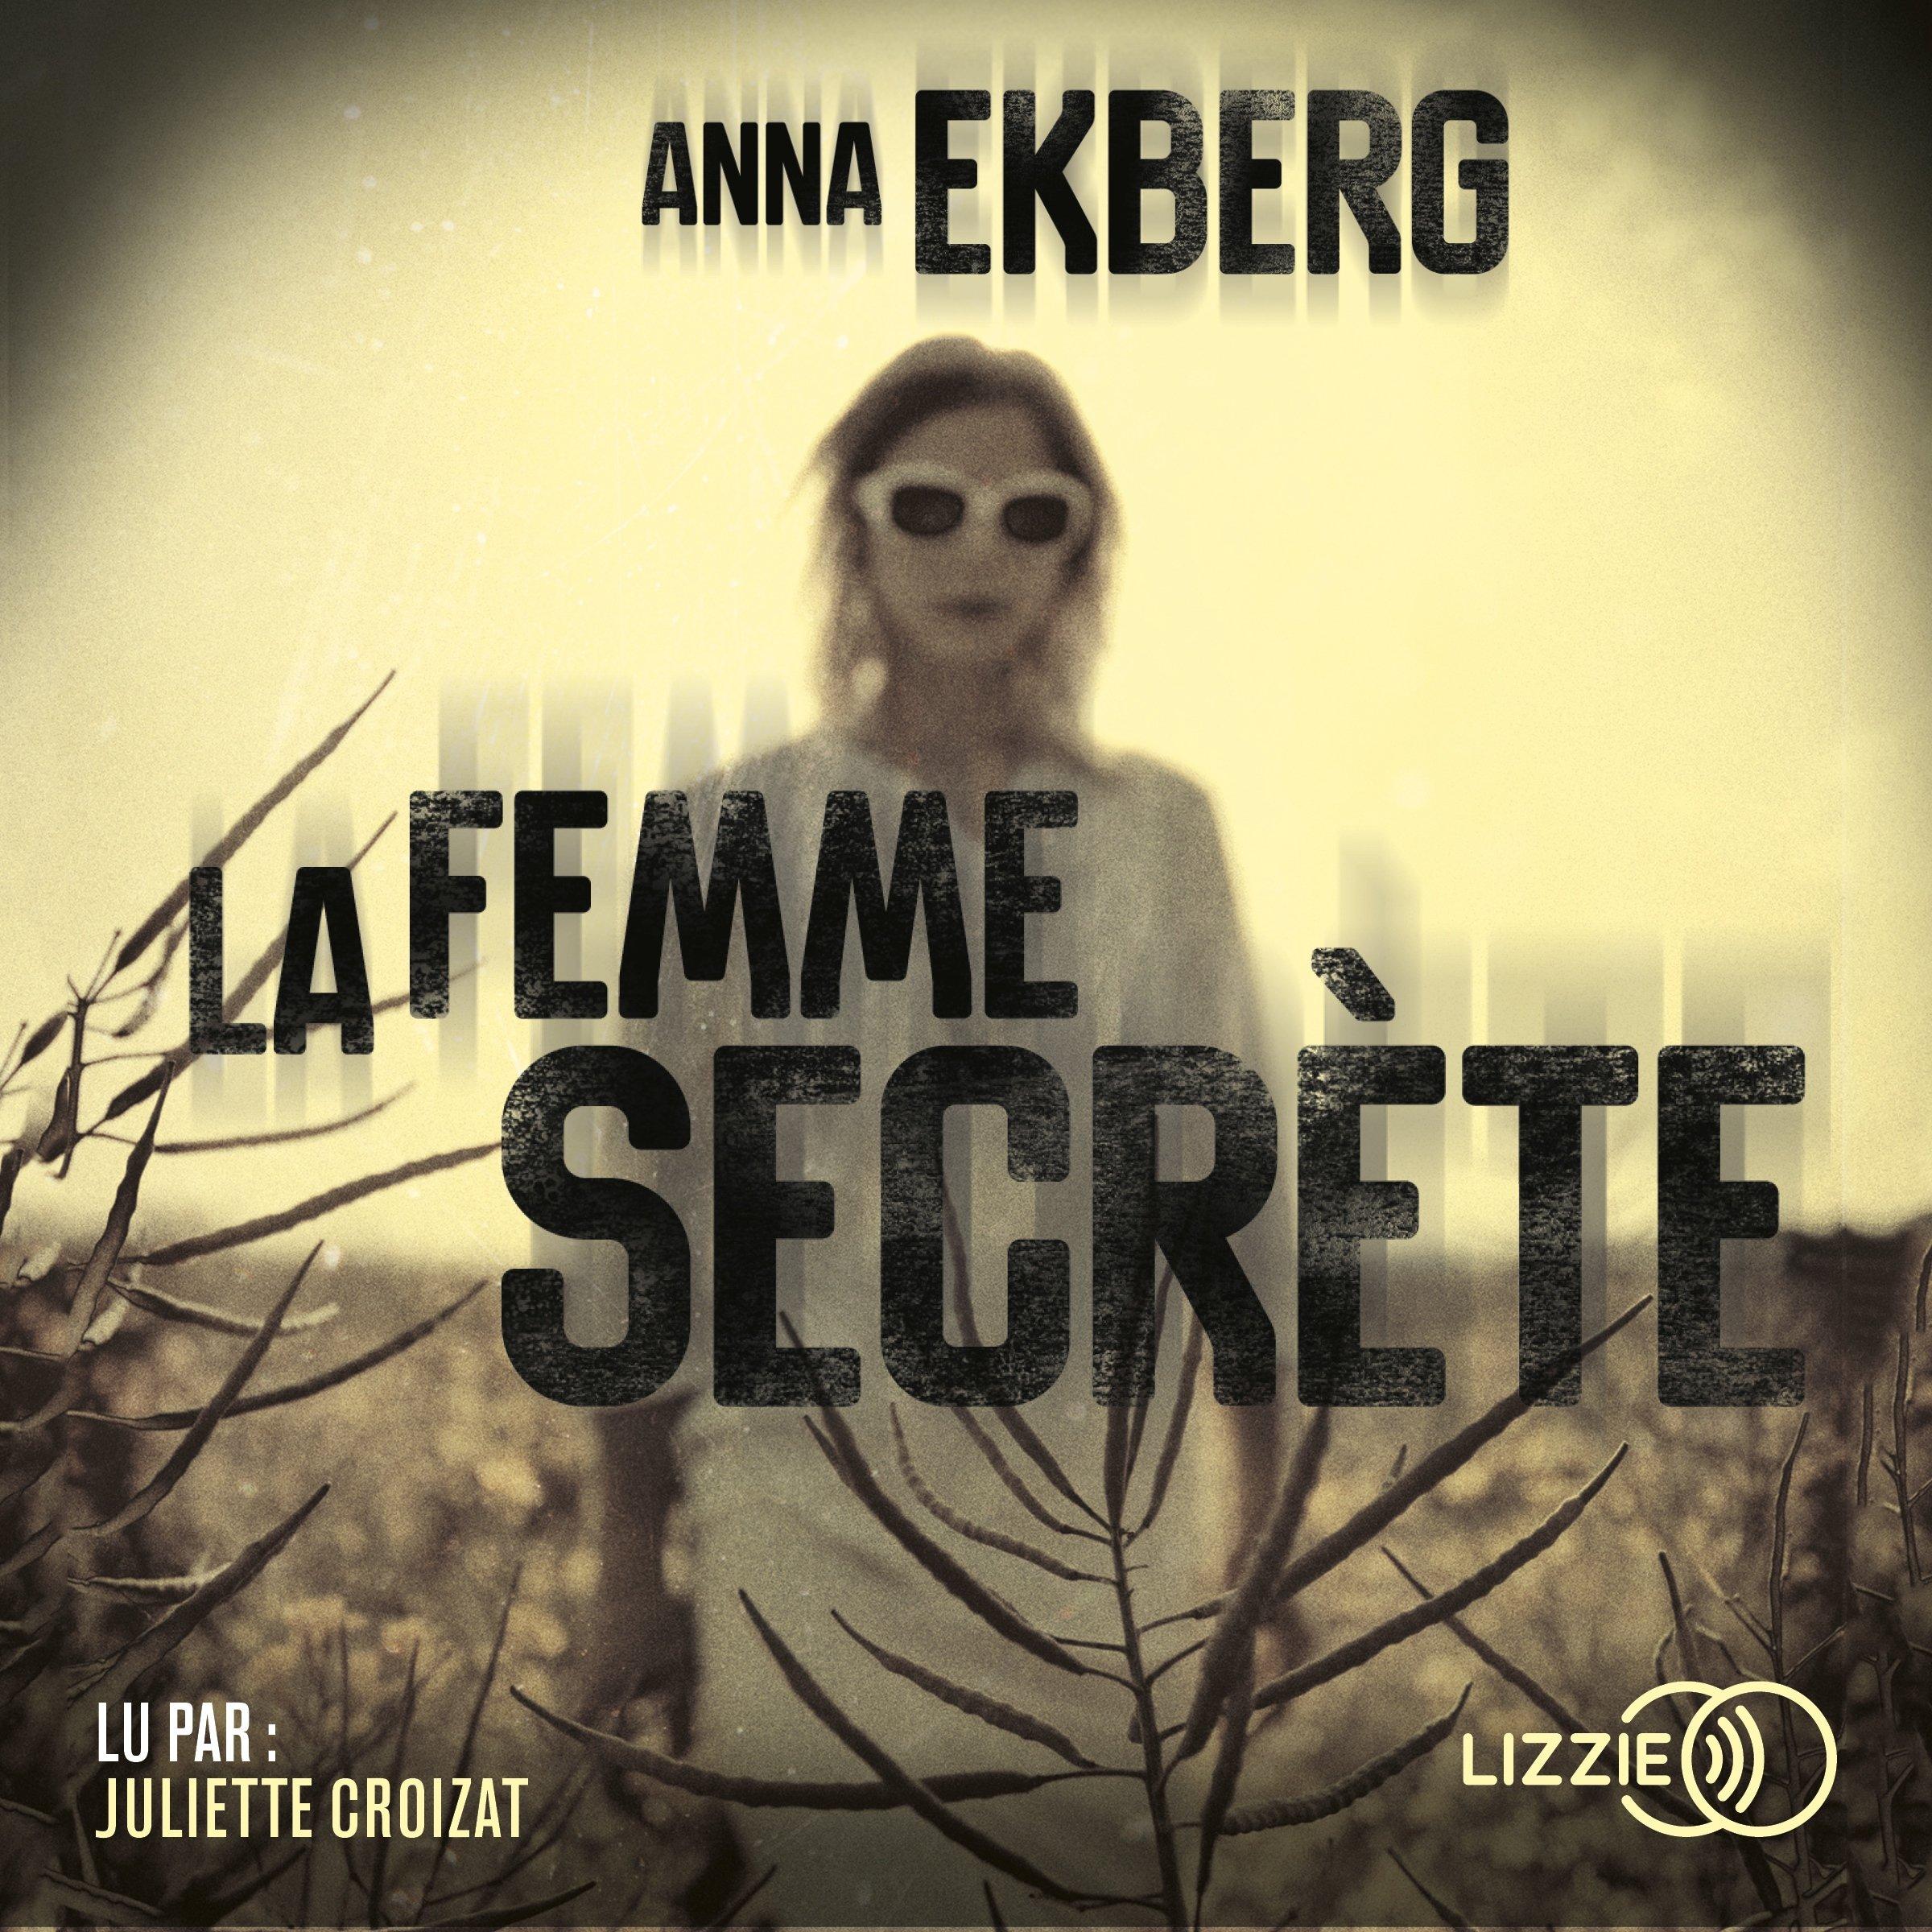 La femme secrète, de Anna Ekberg